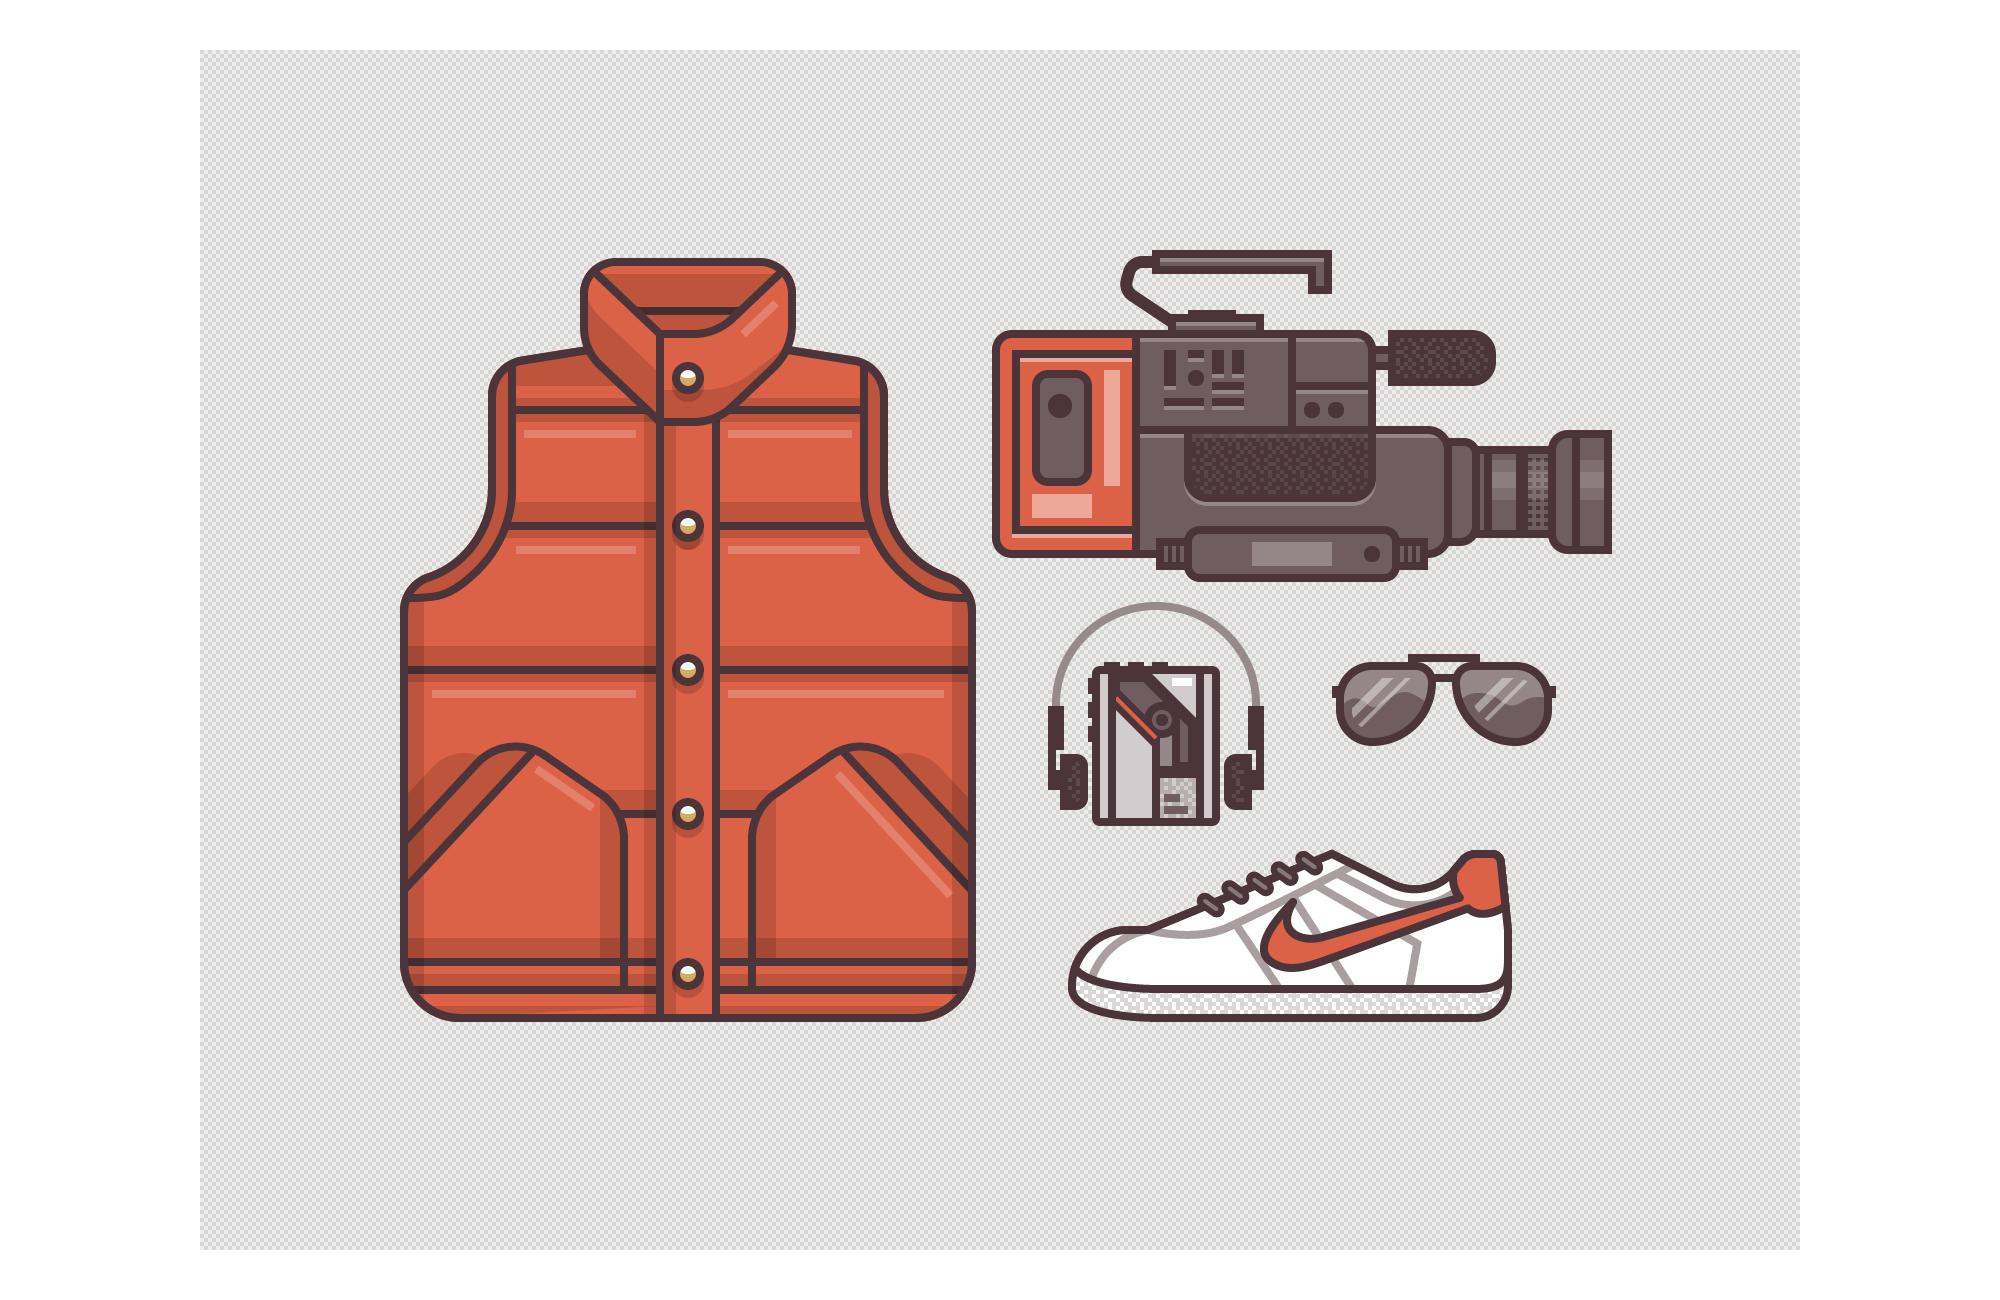 accesorios illustracion 2